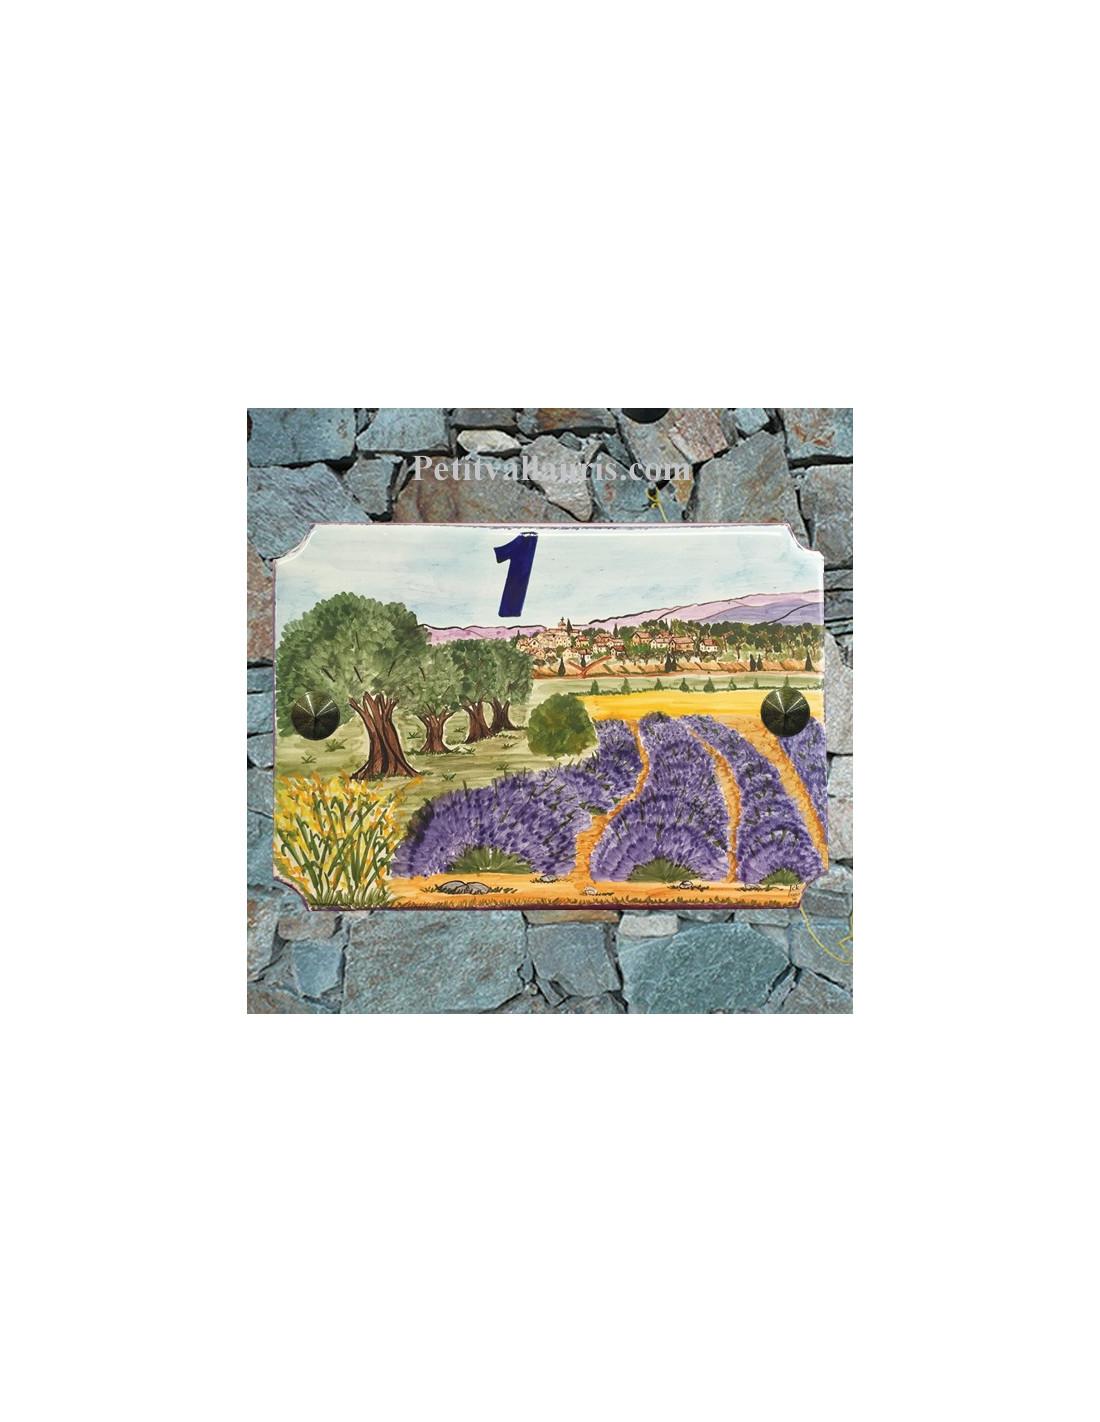 plaque de maison en c ramique d cor champs de lavande et village en fond le petit vallauris. Black Bedroom Furniture Sets. Home Design Ideas